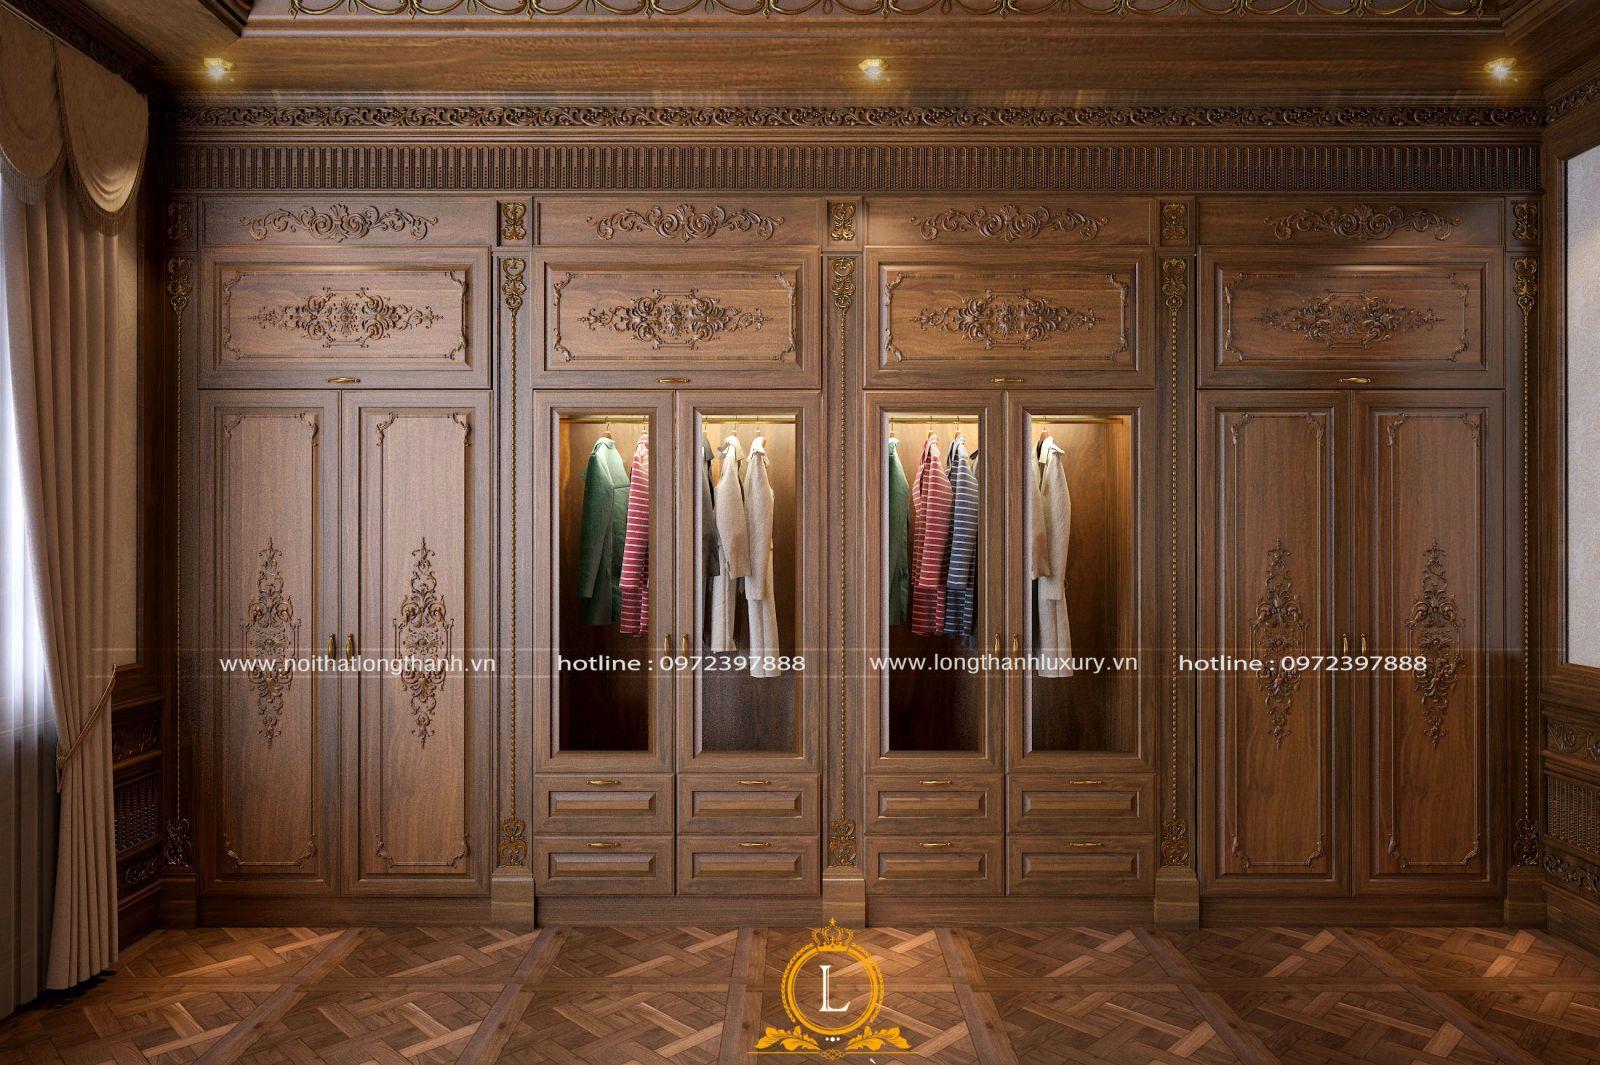 Tủ quần áo tân cổ điển đẹp sang trọng